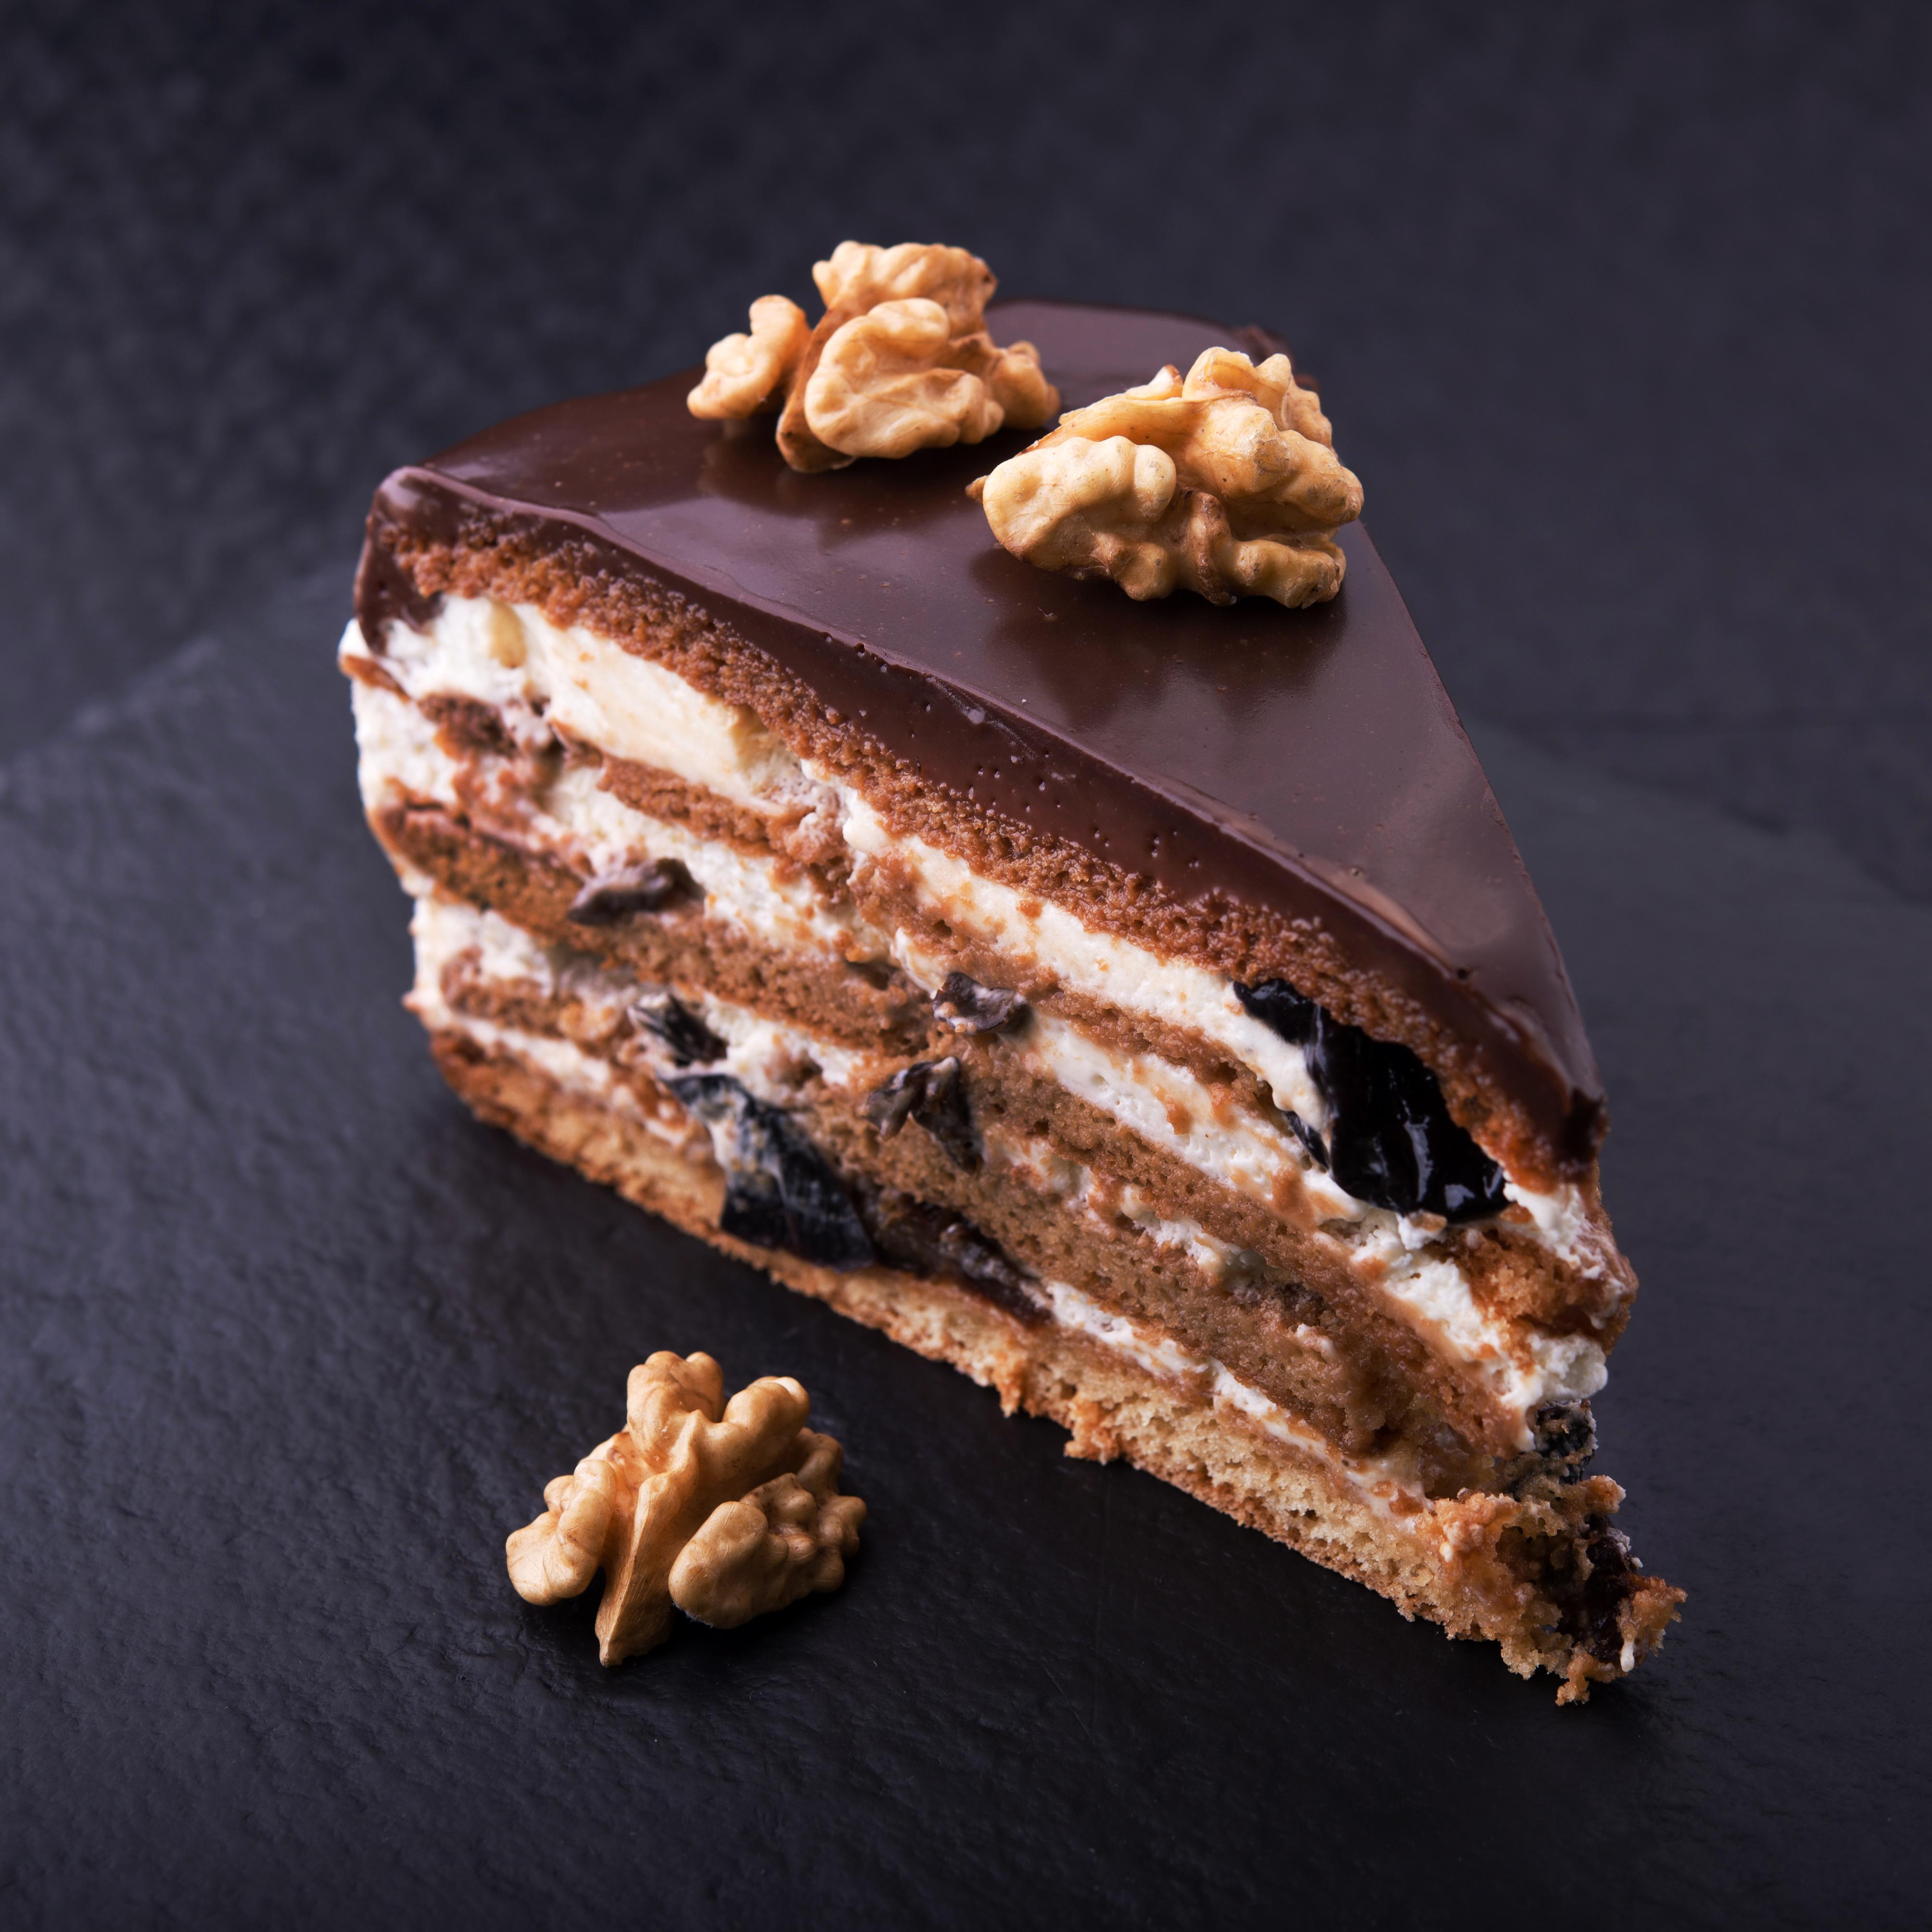 Фото Шоколад Торты кусочки Еда Орехи Пирожное Сладости 4016x4016 часть Кусок кусочек Пища Продукты питания